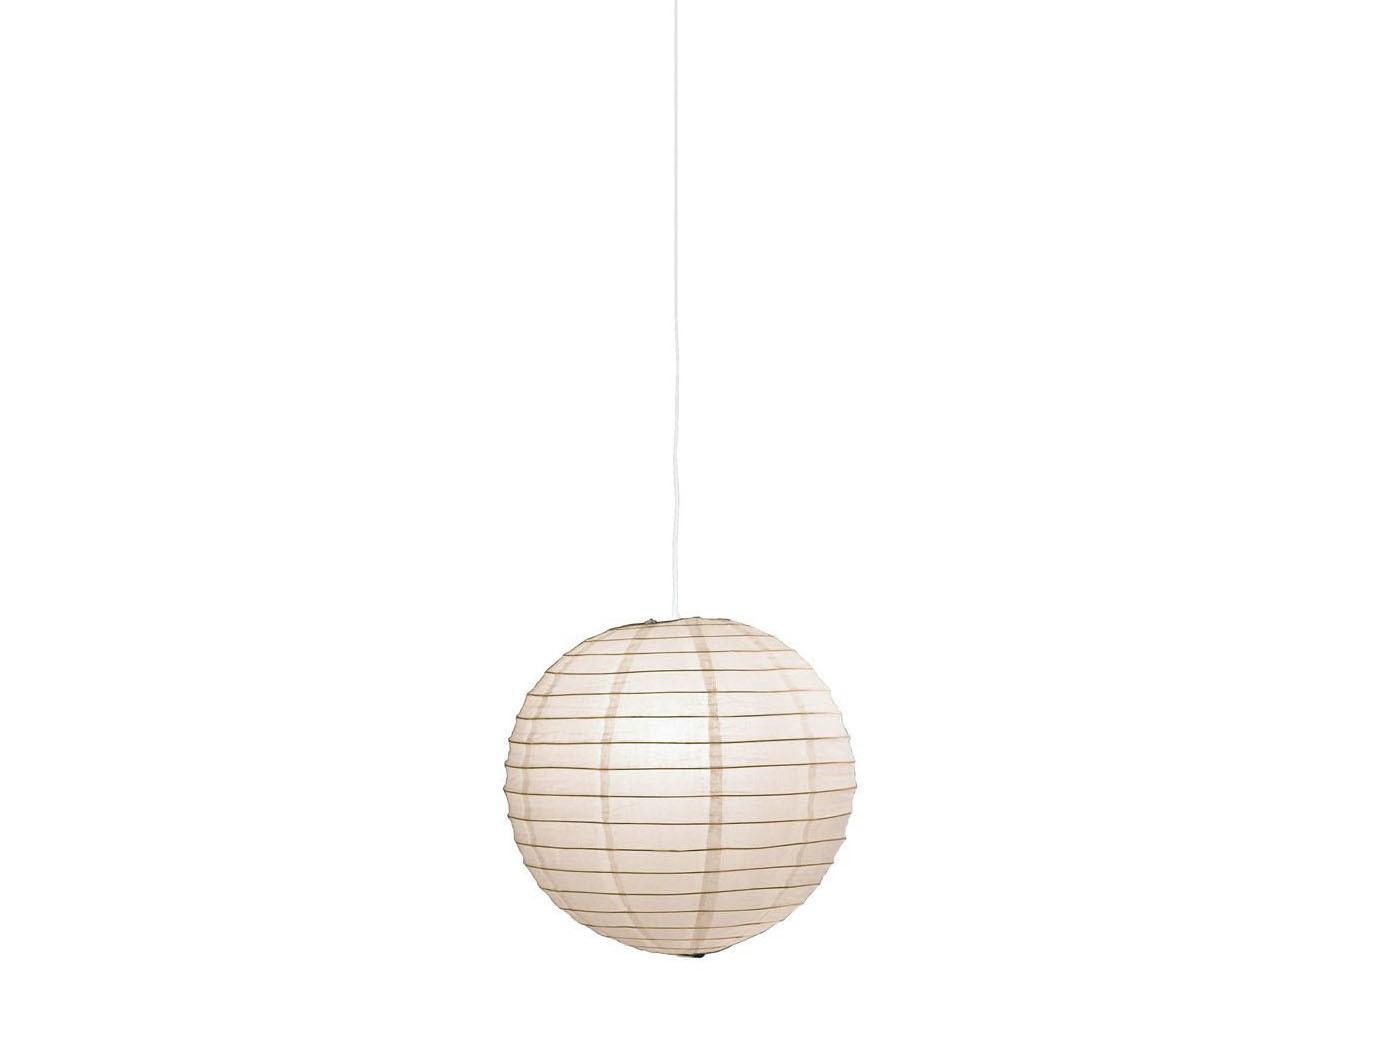 led h ngelampe papier japan kugel wei 50cm h ngeleuchte pendellampe lampion 4260380820292 ebay. Black Bedroom Furniture Sets. Home Design Ideas